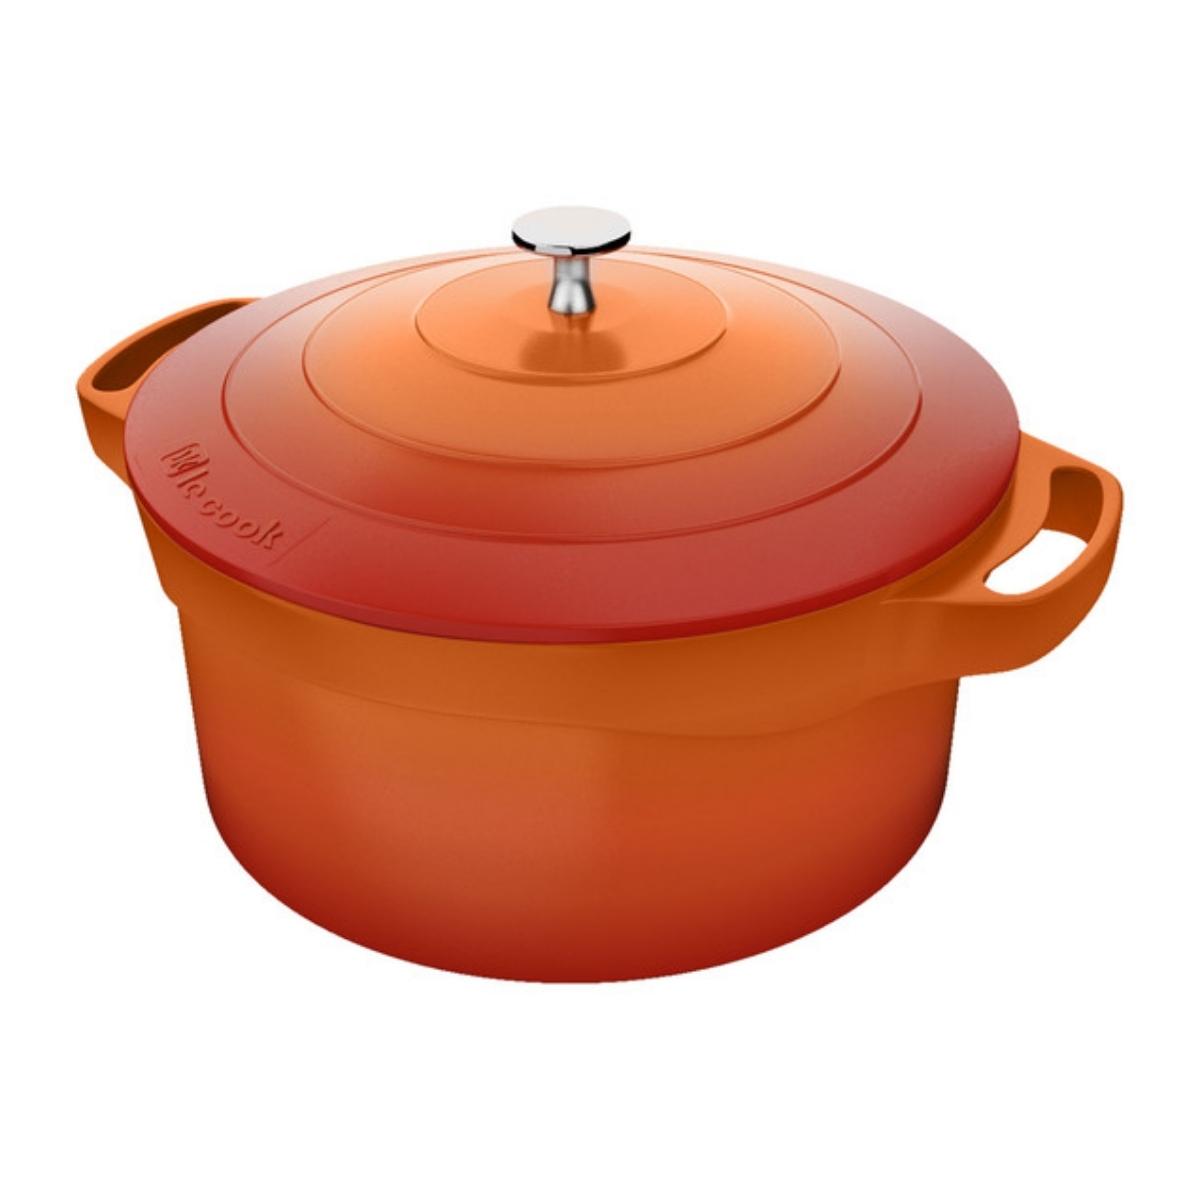 Caçarola 2,4L Premier Orange 24cm x 4mm Le Cook - LC1803